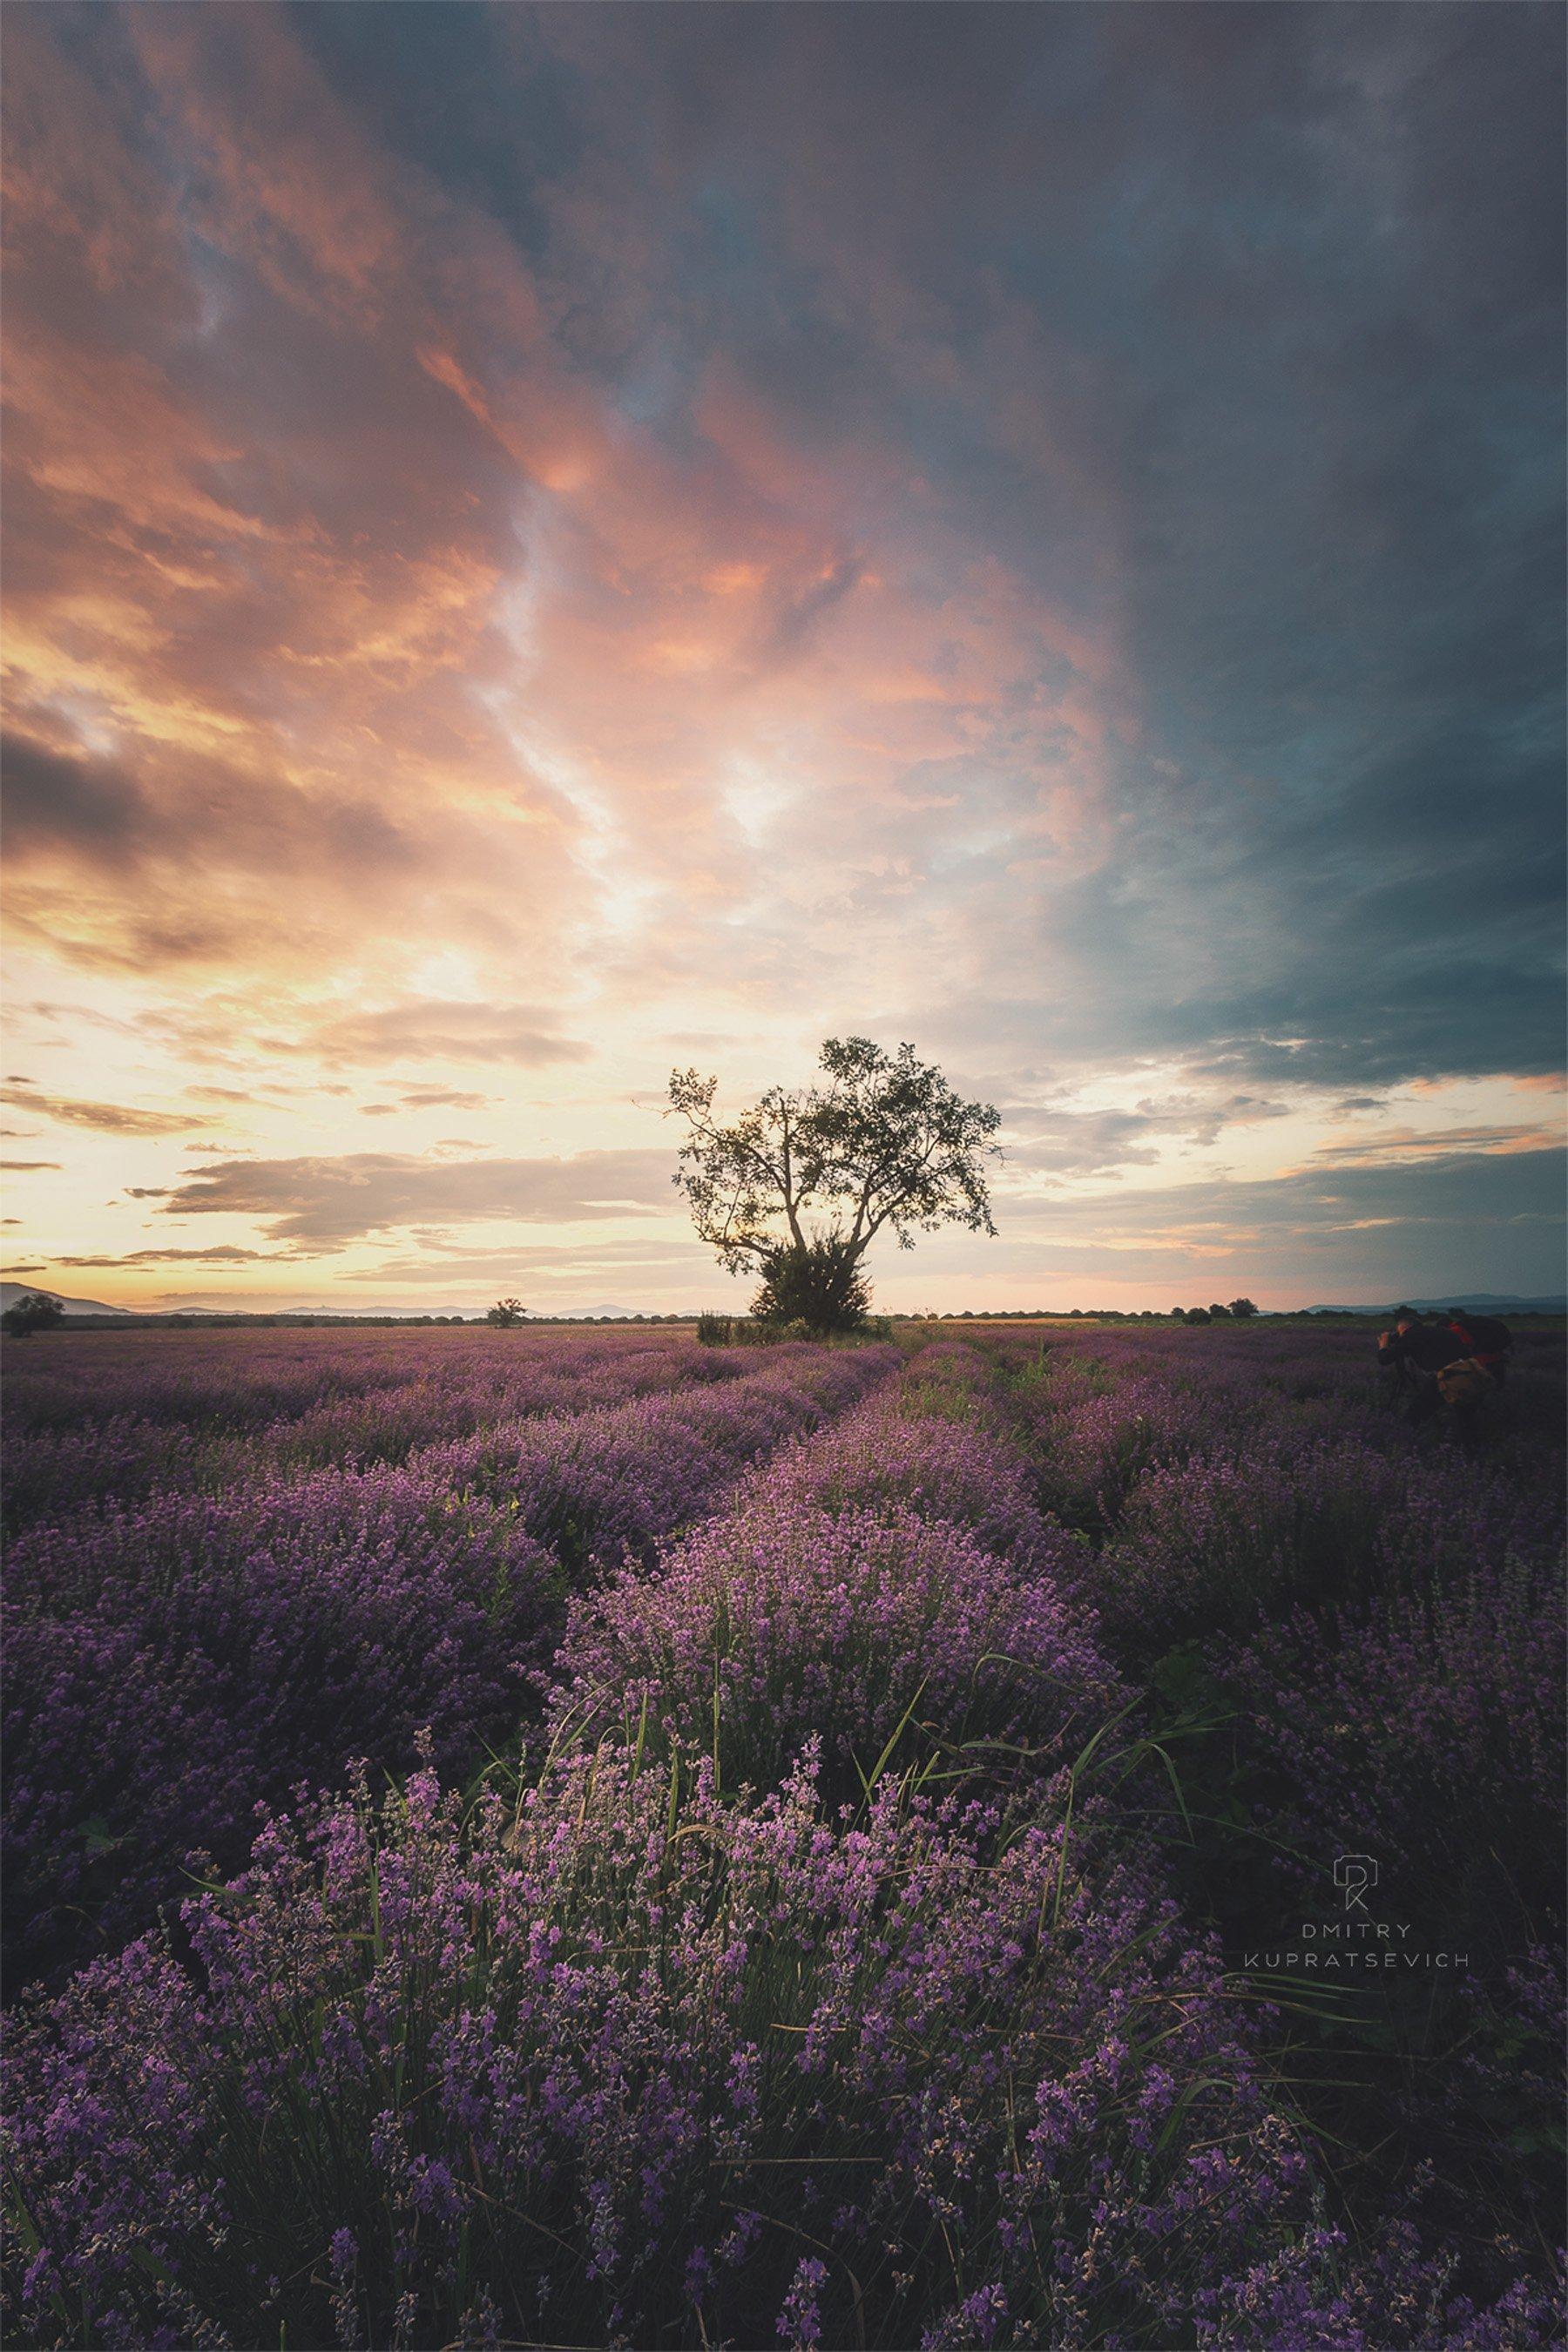 болгария, рассвет, лаванда, пейзаж, Купрацевич Дмитрий